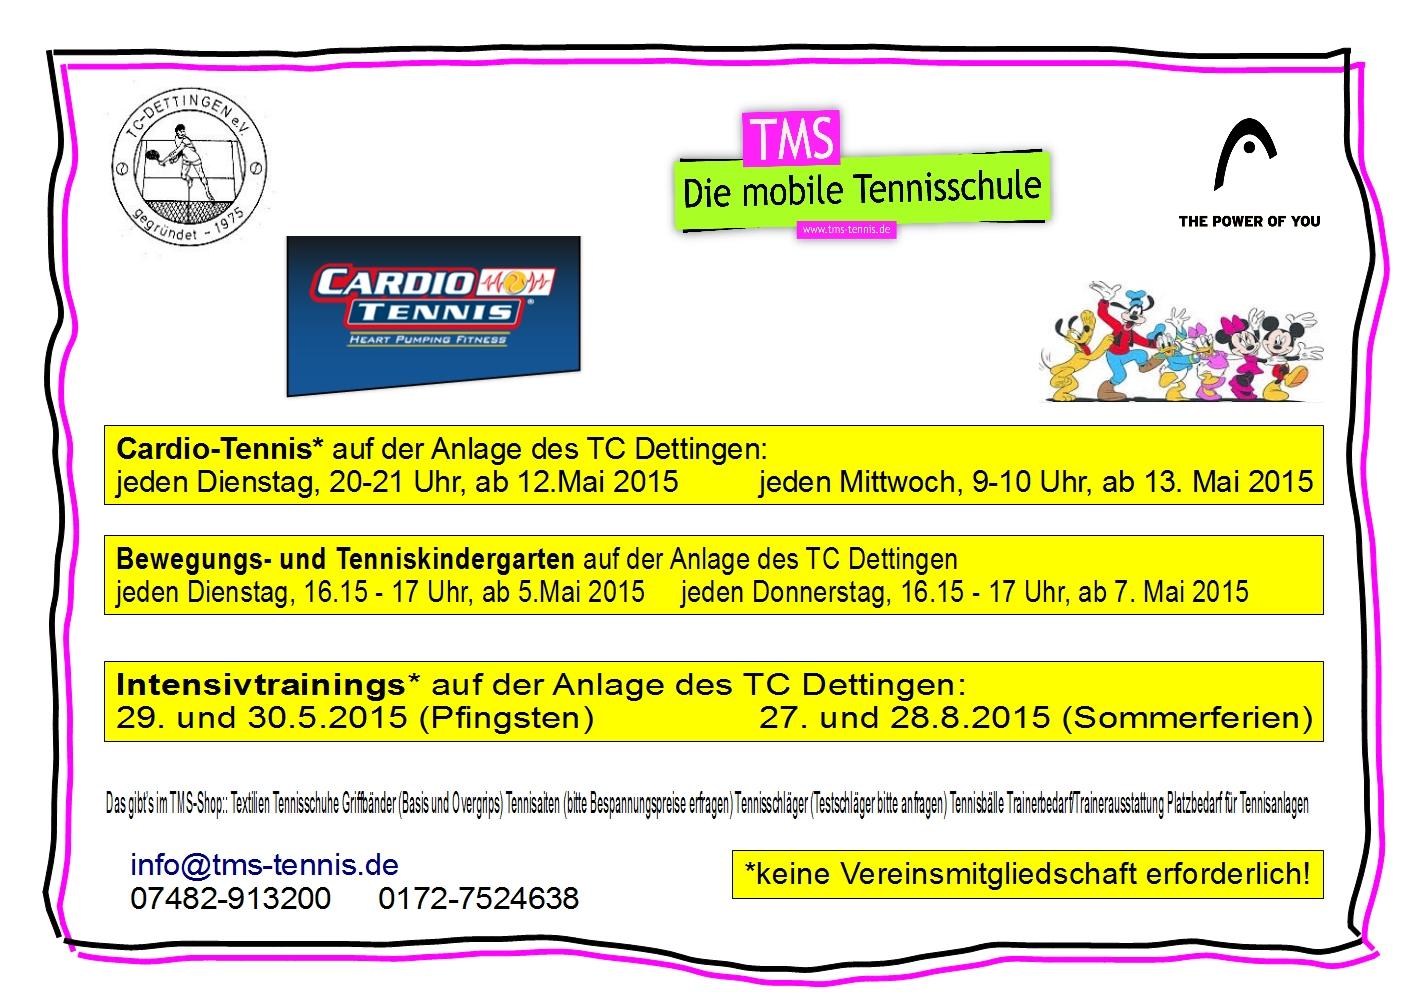 TMS Schaufenster_5_2015